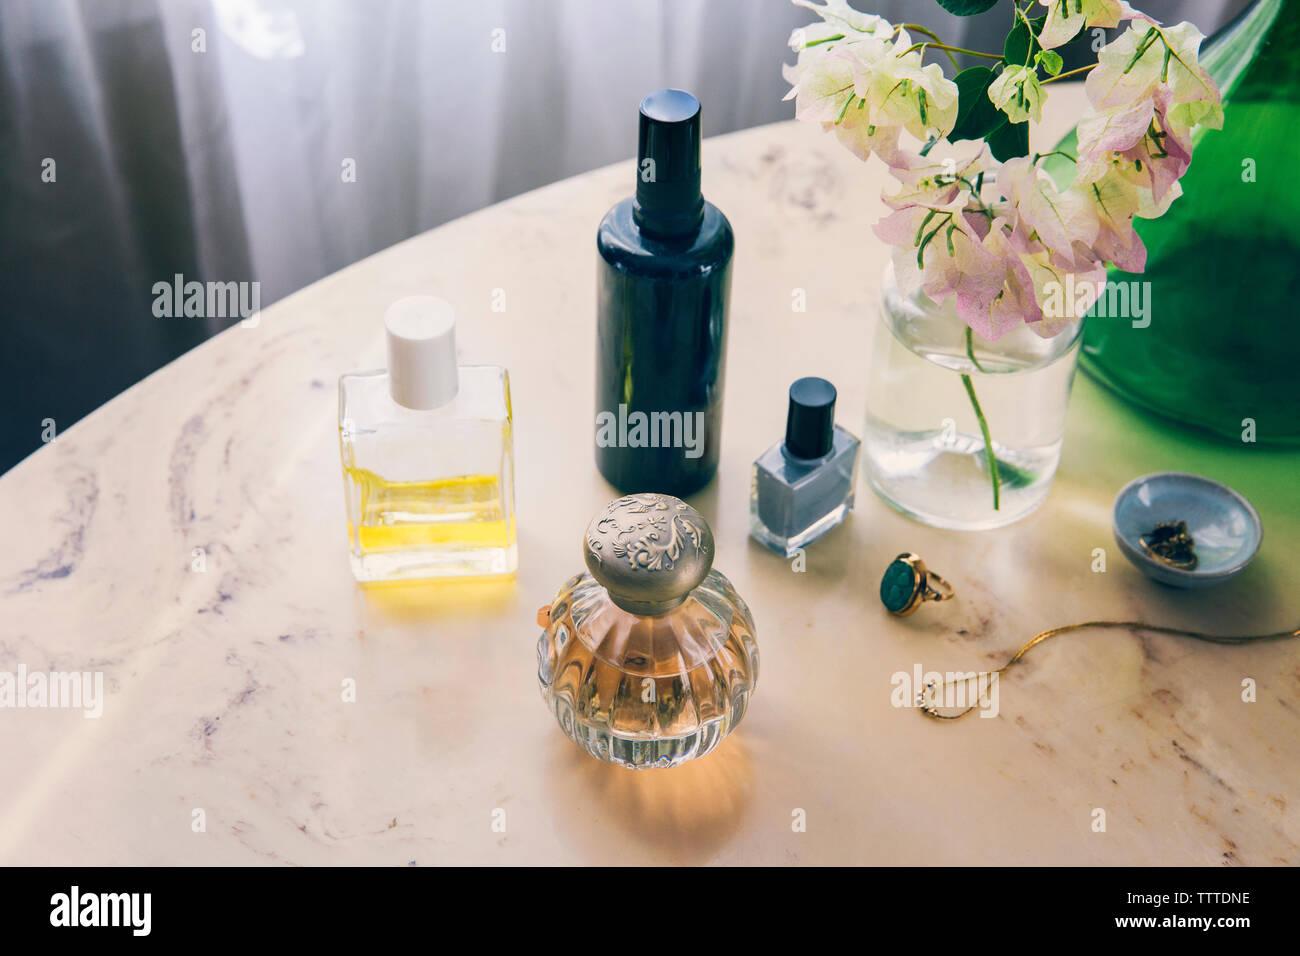 Portrait de produits de beauté avec des bijoux par vase à fleurs sur table Banque D'Images